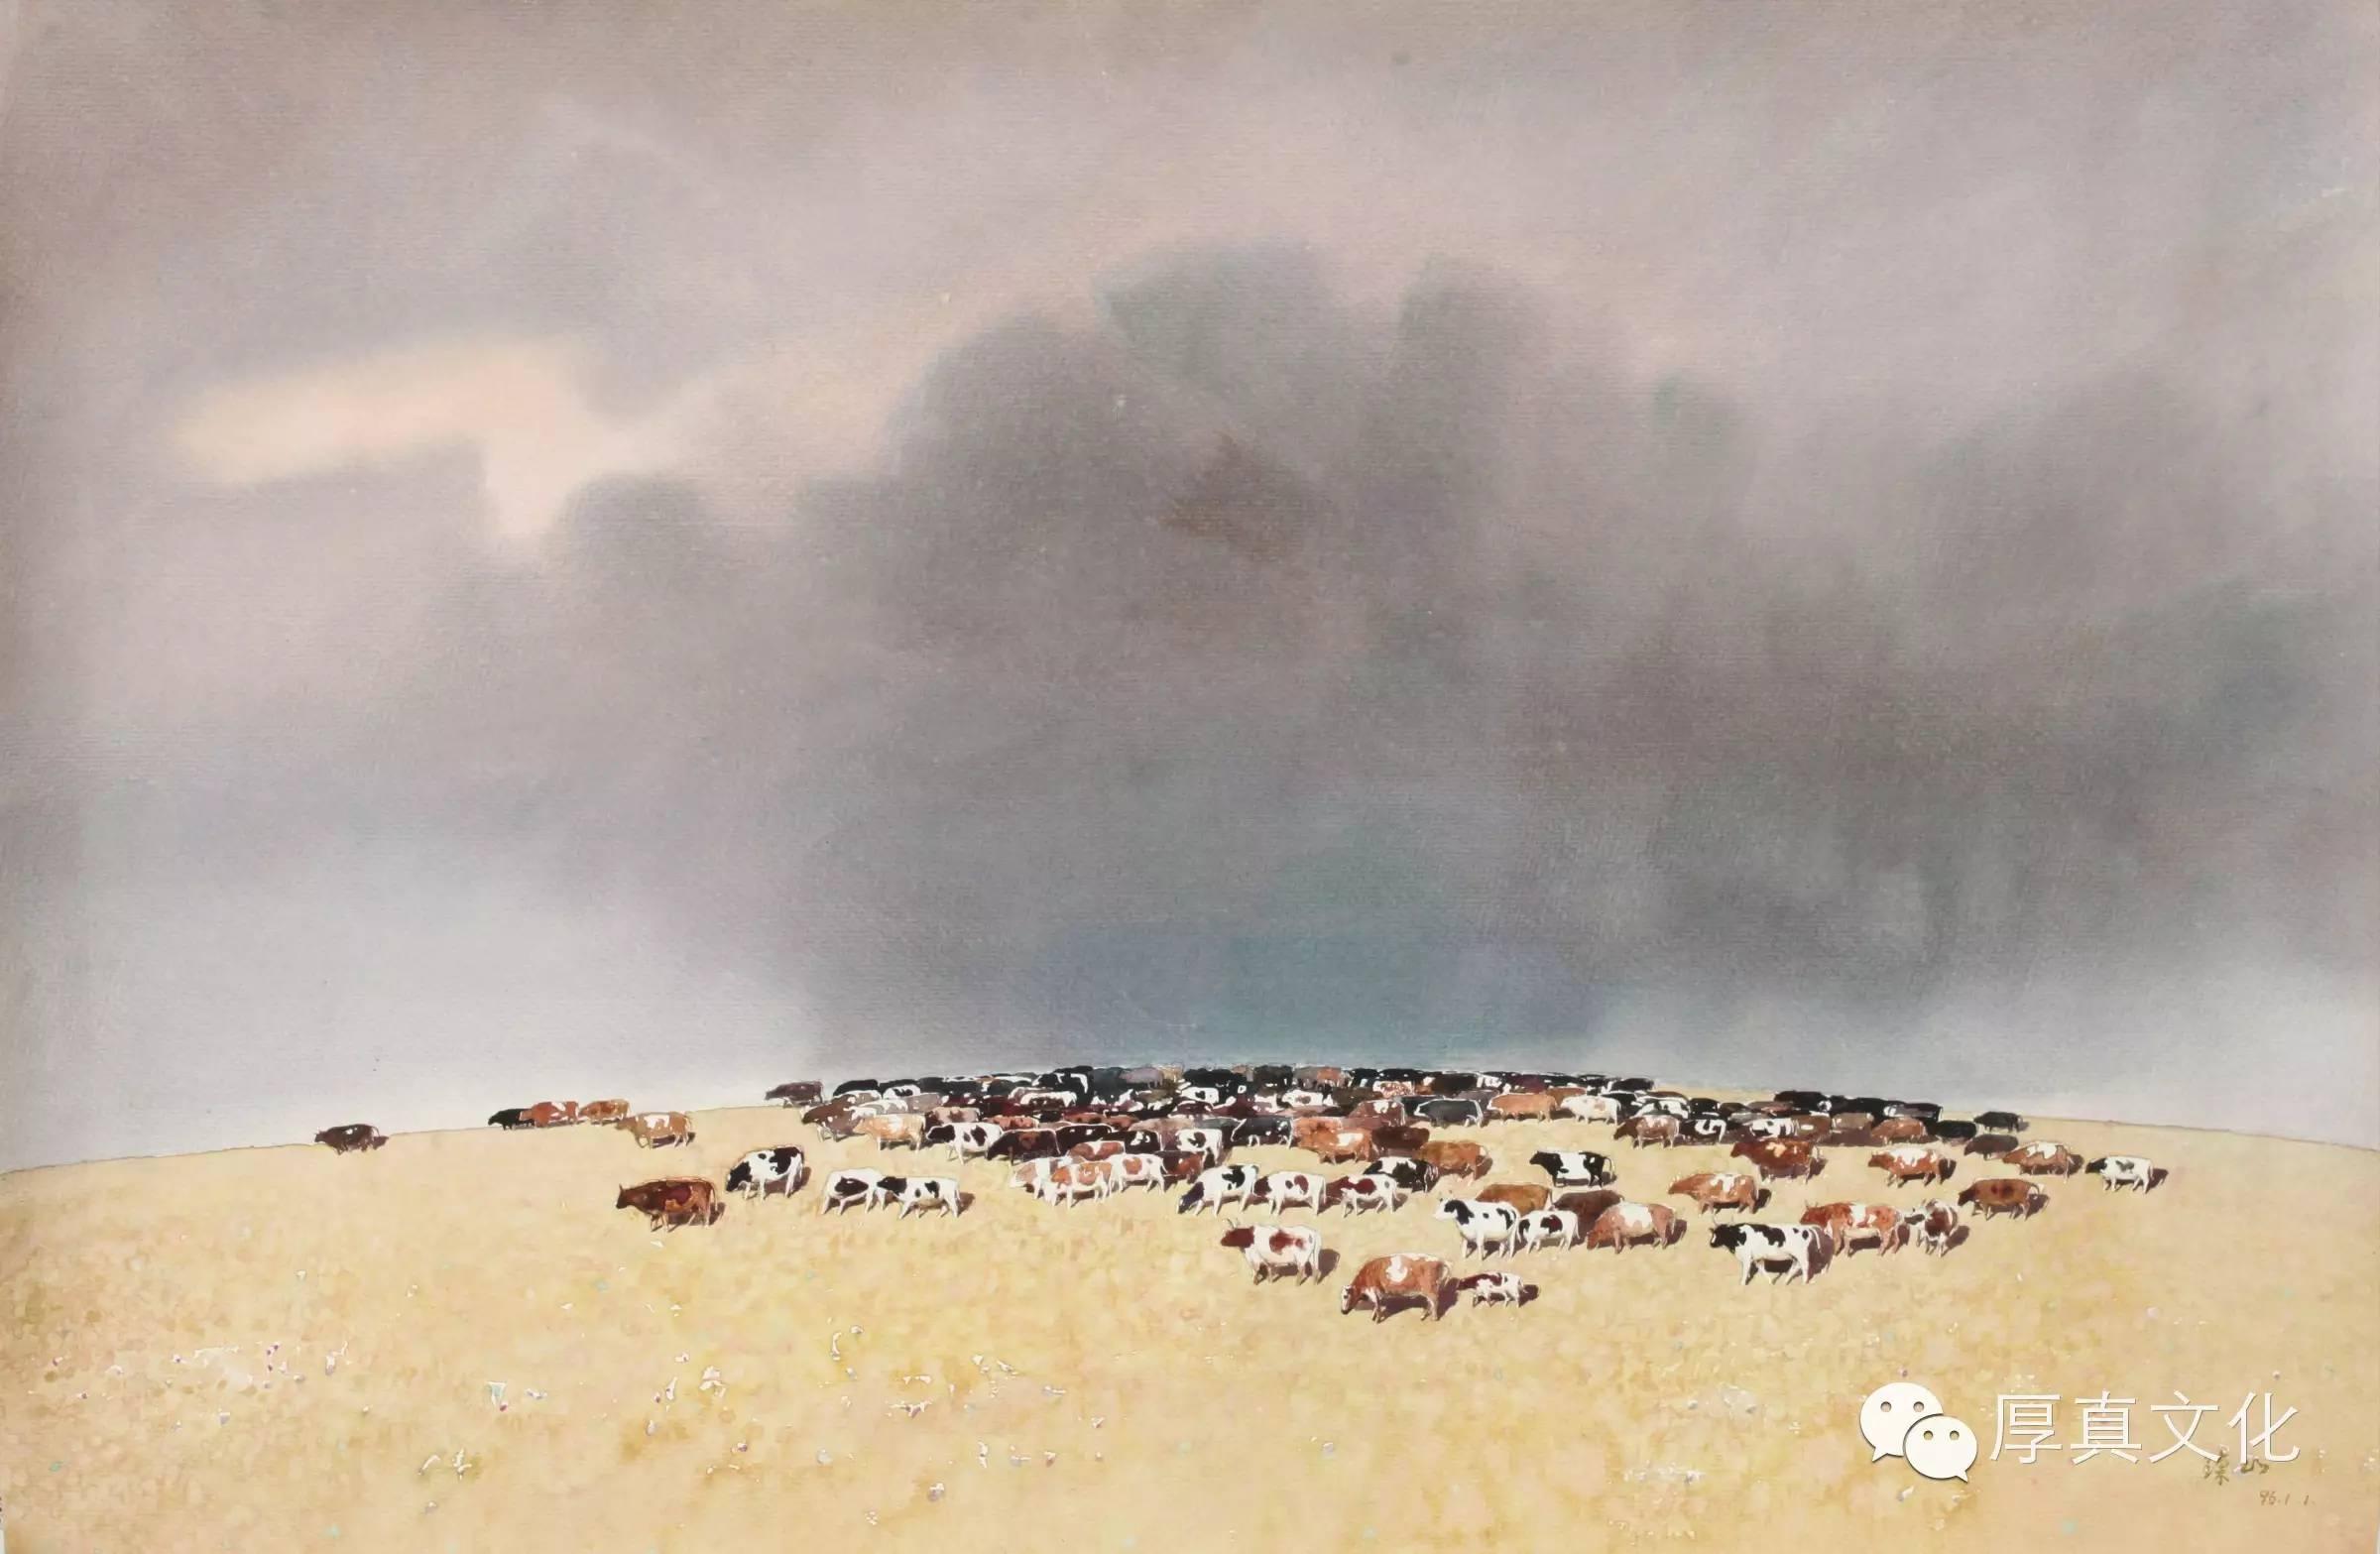 【蒙古人】美术家——云希望 第2张 【蒙古人】美术家——云希望 蒙古画廊